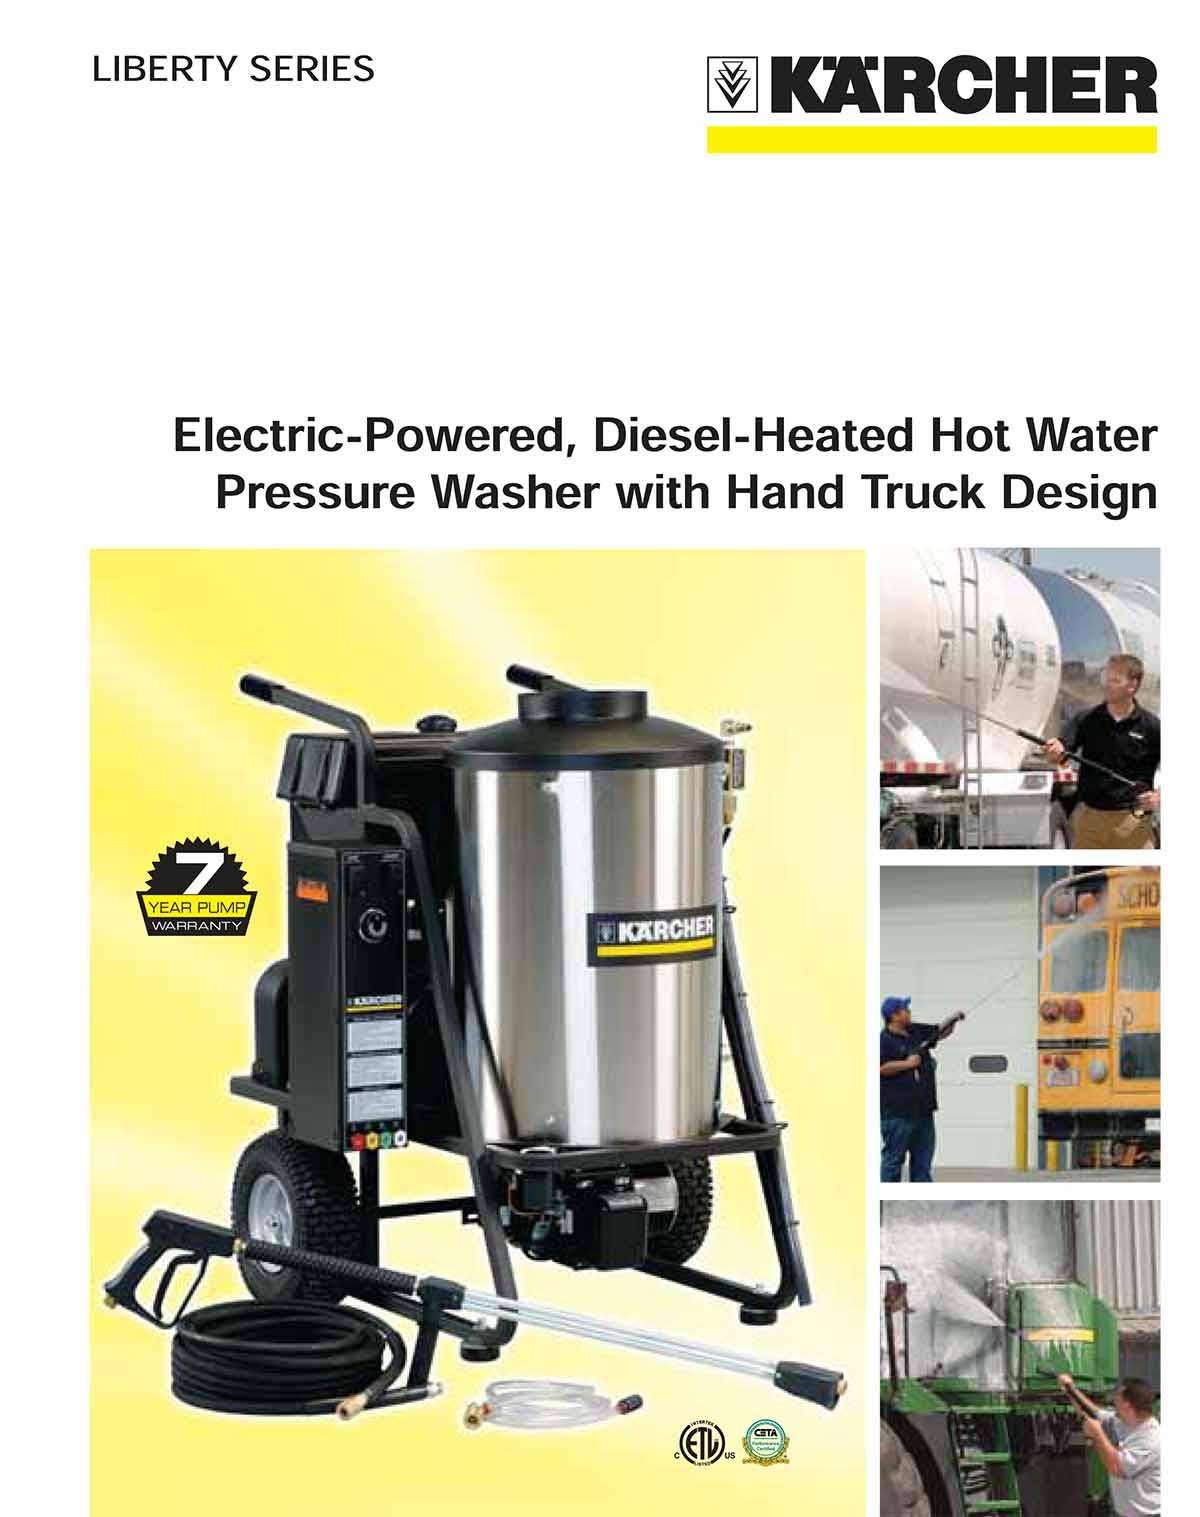 Karcher Pressure Washer with Hand Truck Design